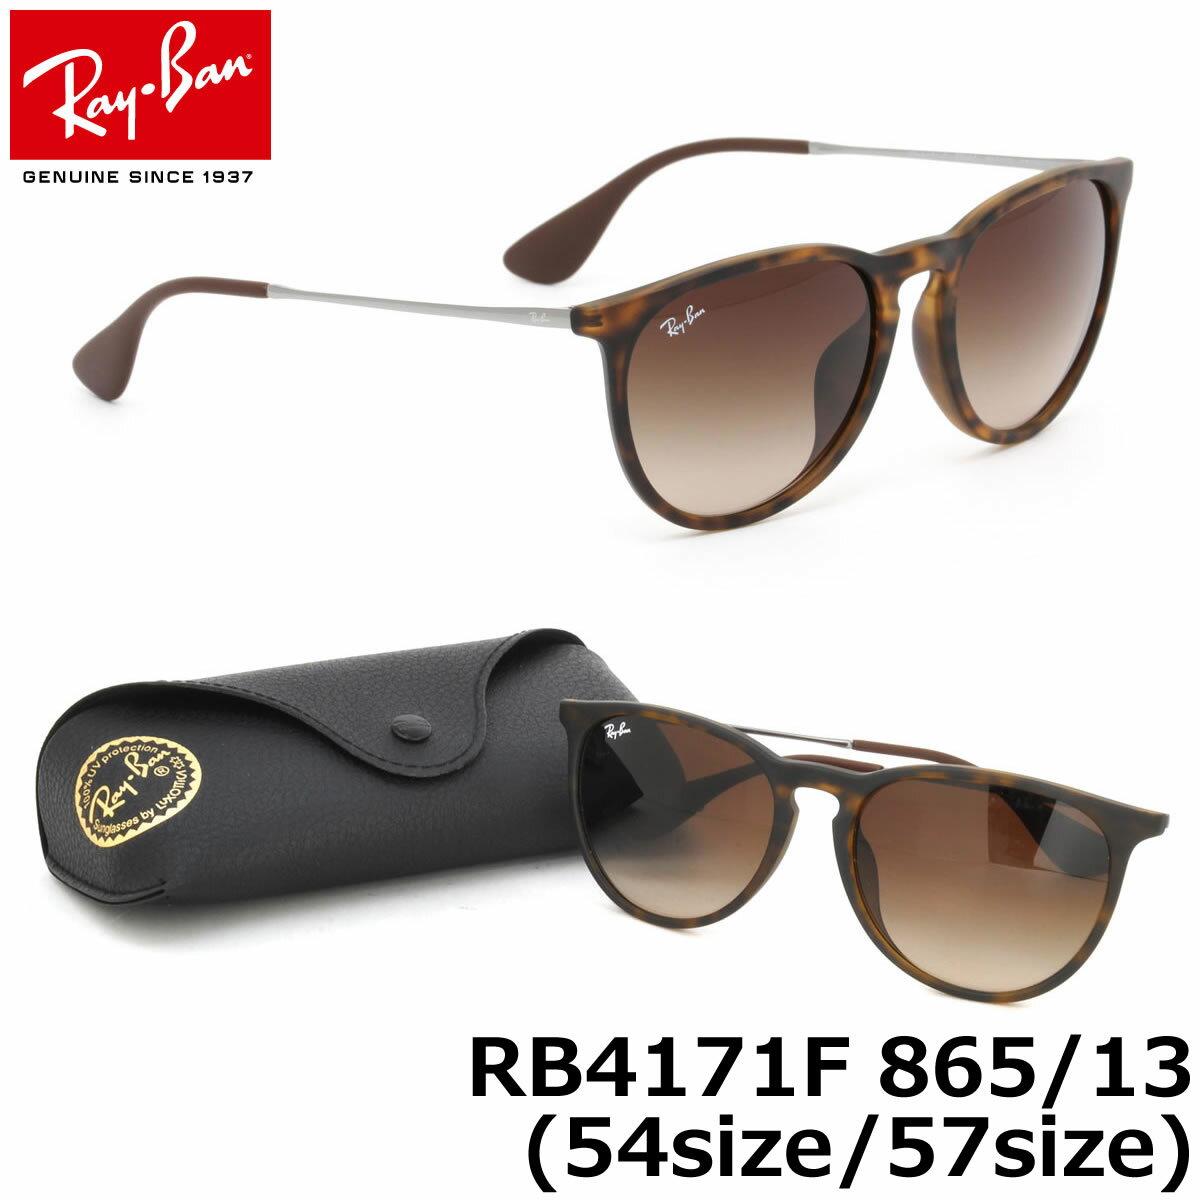 ■ 月間優良ショップ ■ レイバン サングラス エリカ Ray-Ban RB4171F 865/13 54サイズレイバン RAYBAN ERIKA 86513 ボストン 丸メガネ べっ甲 べっこう フルフィット メンズ レディース